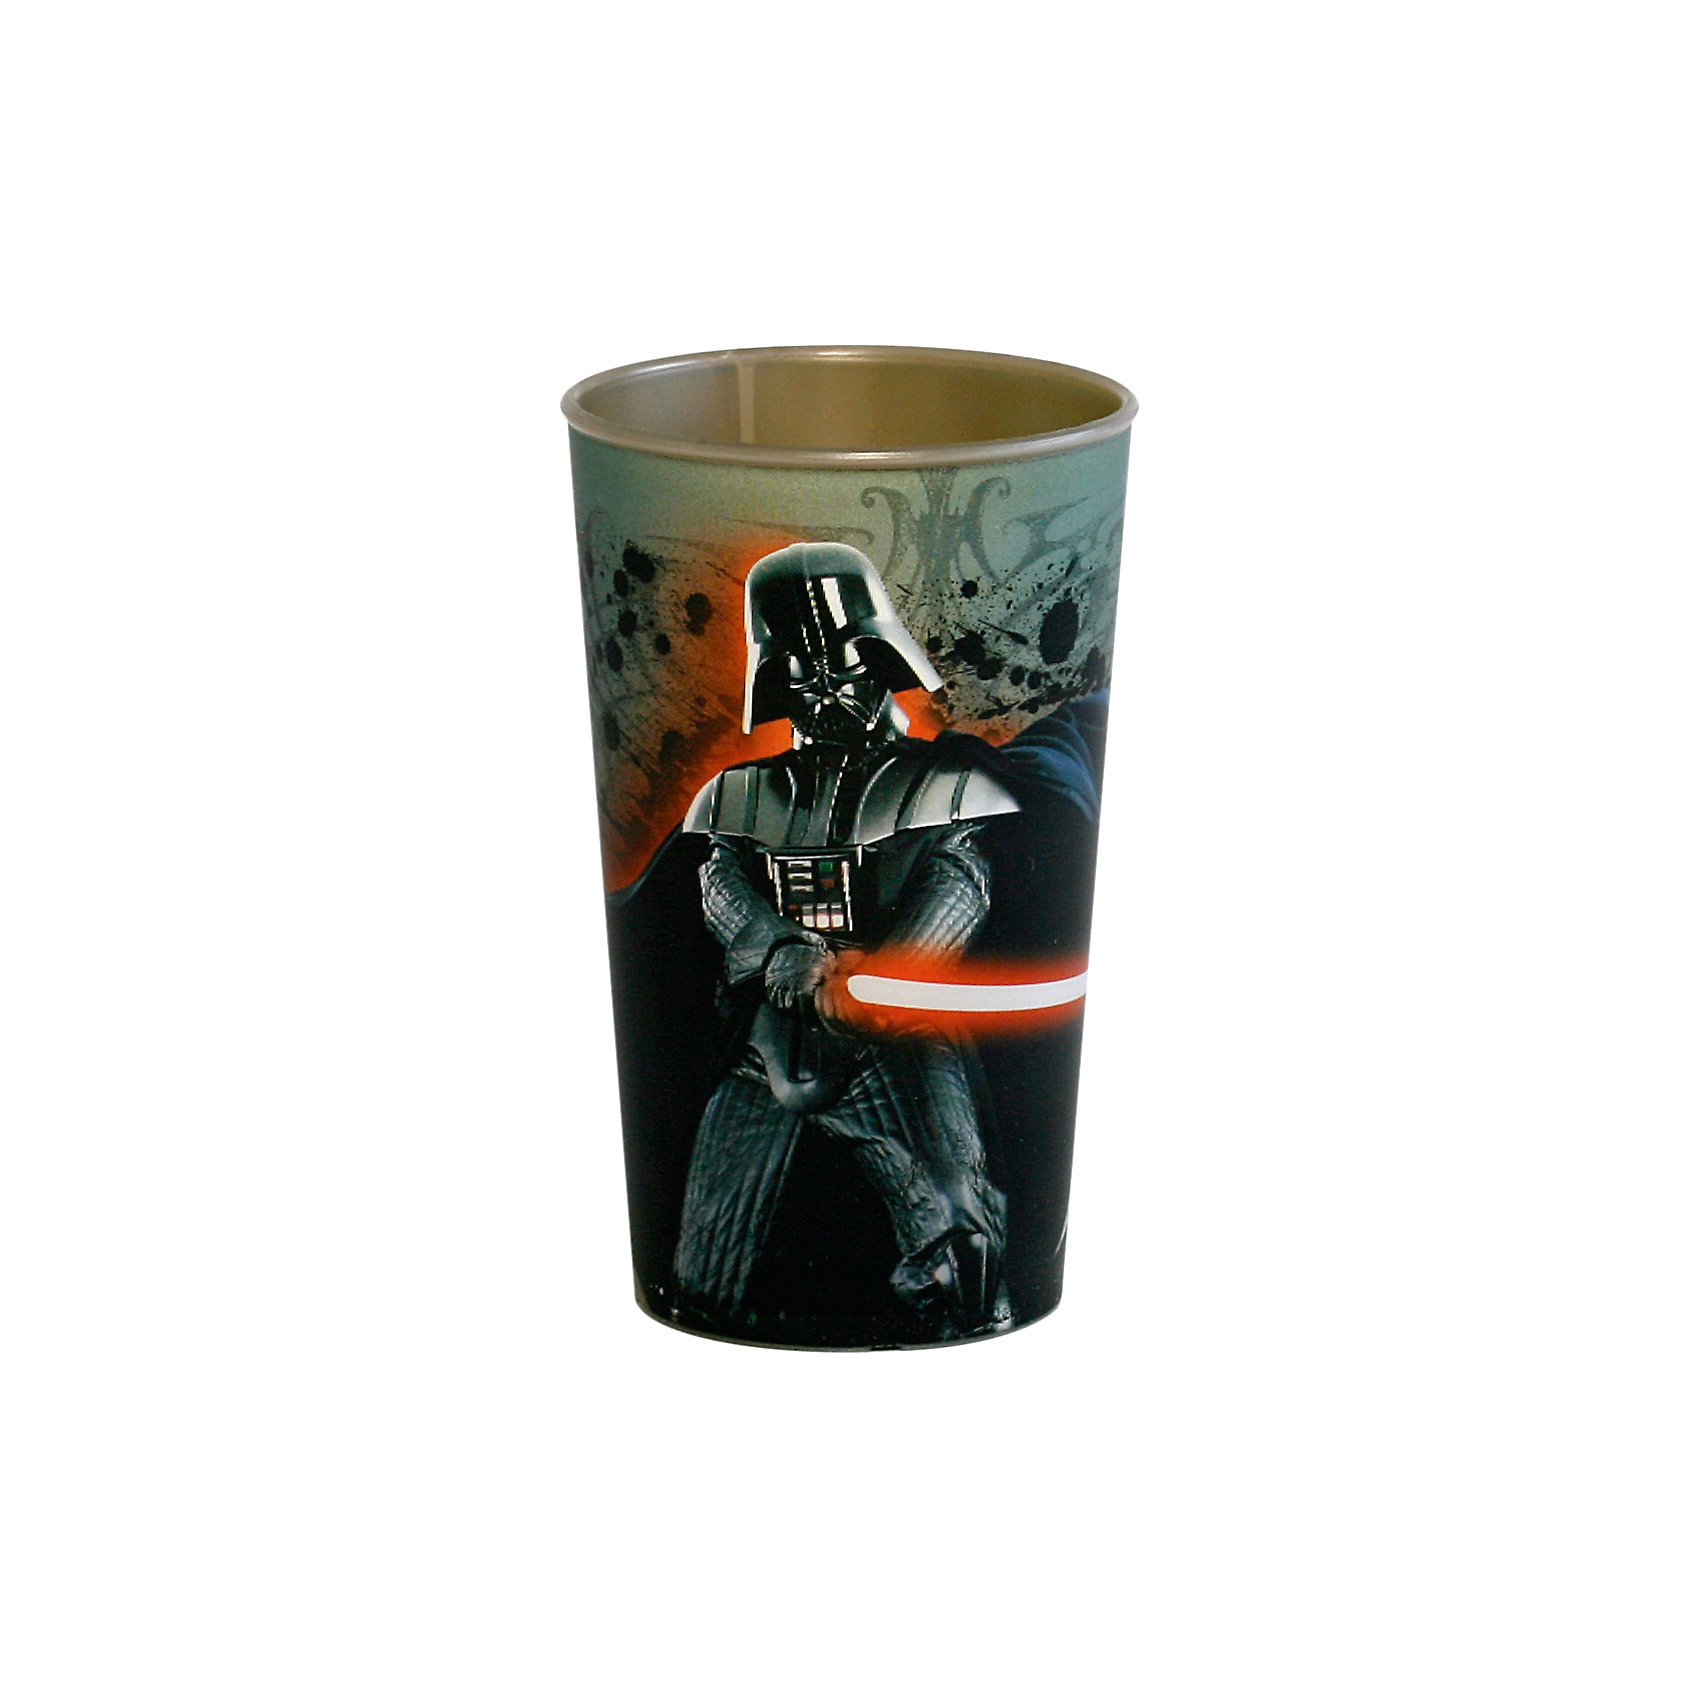 Стакан Дарт Вейдер 260 мл, Звездные войныПосуда<br>Стакан Звездные войны 260 мл, в ассортименте – это отличный подарок для фаната вселенной Star Wars.<br>Стакан Звездные войны изготовлен из полипропилена. Специальное покрытие с отливом делает изображение на стакане более объемным. Не подходит для использования в посудомоечной машине и СВЧ-печи.<br><br>Дополнительная информация:<br>- Дизайны в ассортименте: Дарт Вейдер, робот R2D2, магистр Йода.<br>- Объем: 260 мл.<br>- Высота: 9,5 см.<br>- Материал: полипропилен<br>- Размер упаковки: 7 х 7 х 11 см.<br>- Вес: 30 гр.<br><br>Стакан Звездные войны 260 мл можно купить в нашем интернет-магазине.<br><br>Ширина мм: 70<br>Глубина мм: 70<br>Высота мм: 110<br>Вес г: 30<br>Возраст от месяцев: 36<br>Возраст до месяцев: 144<br>Пол: Унисекс<br>Возраст: Детский<br>SKU: 4536243